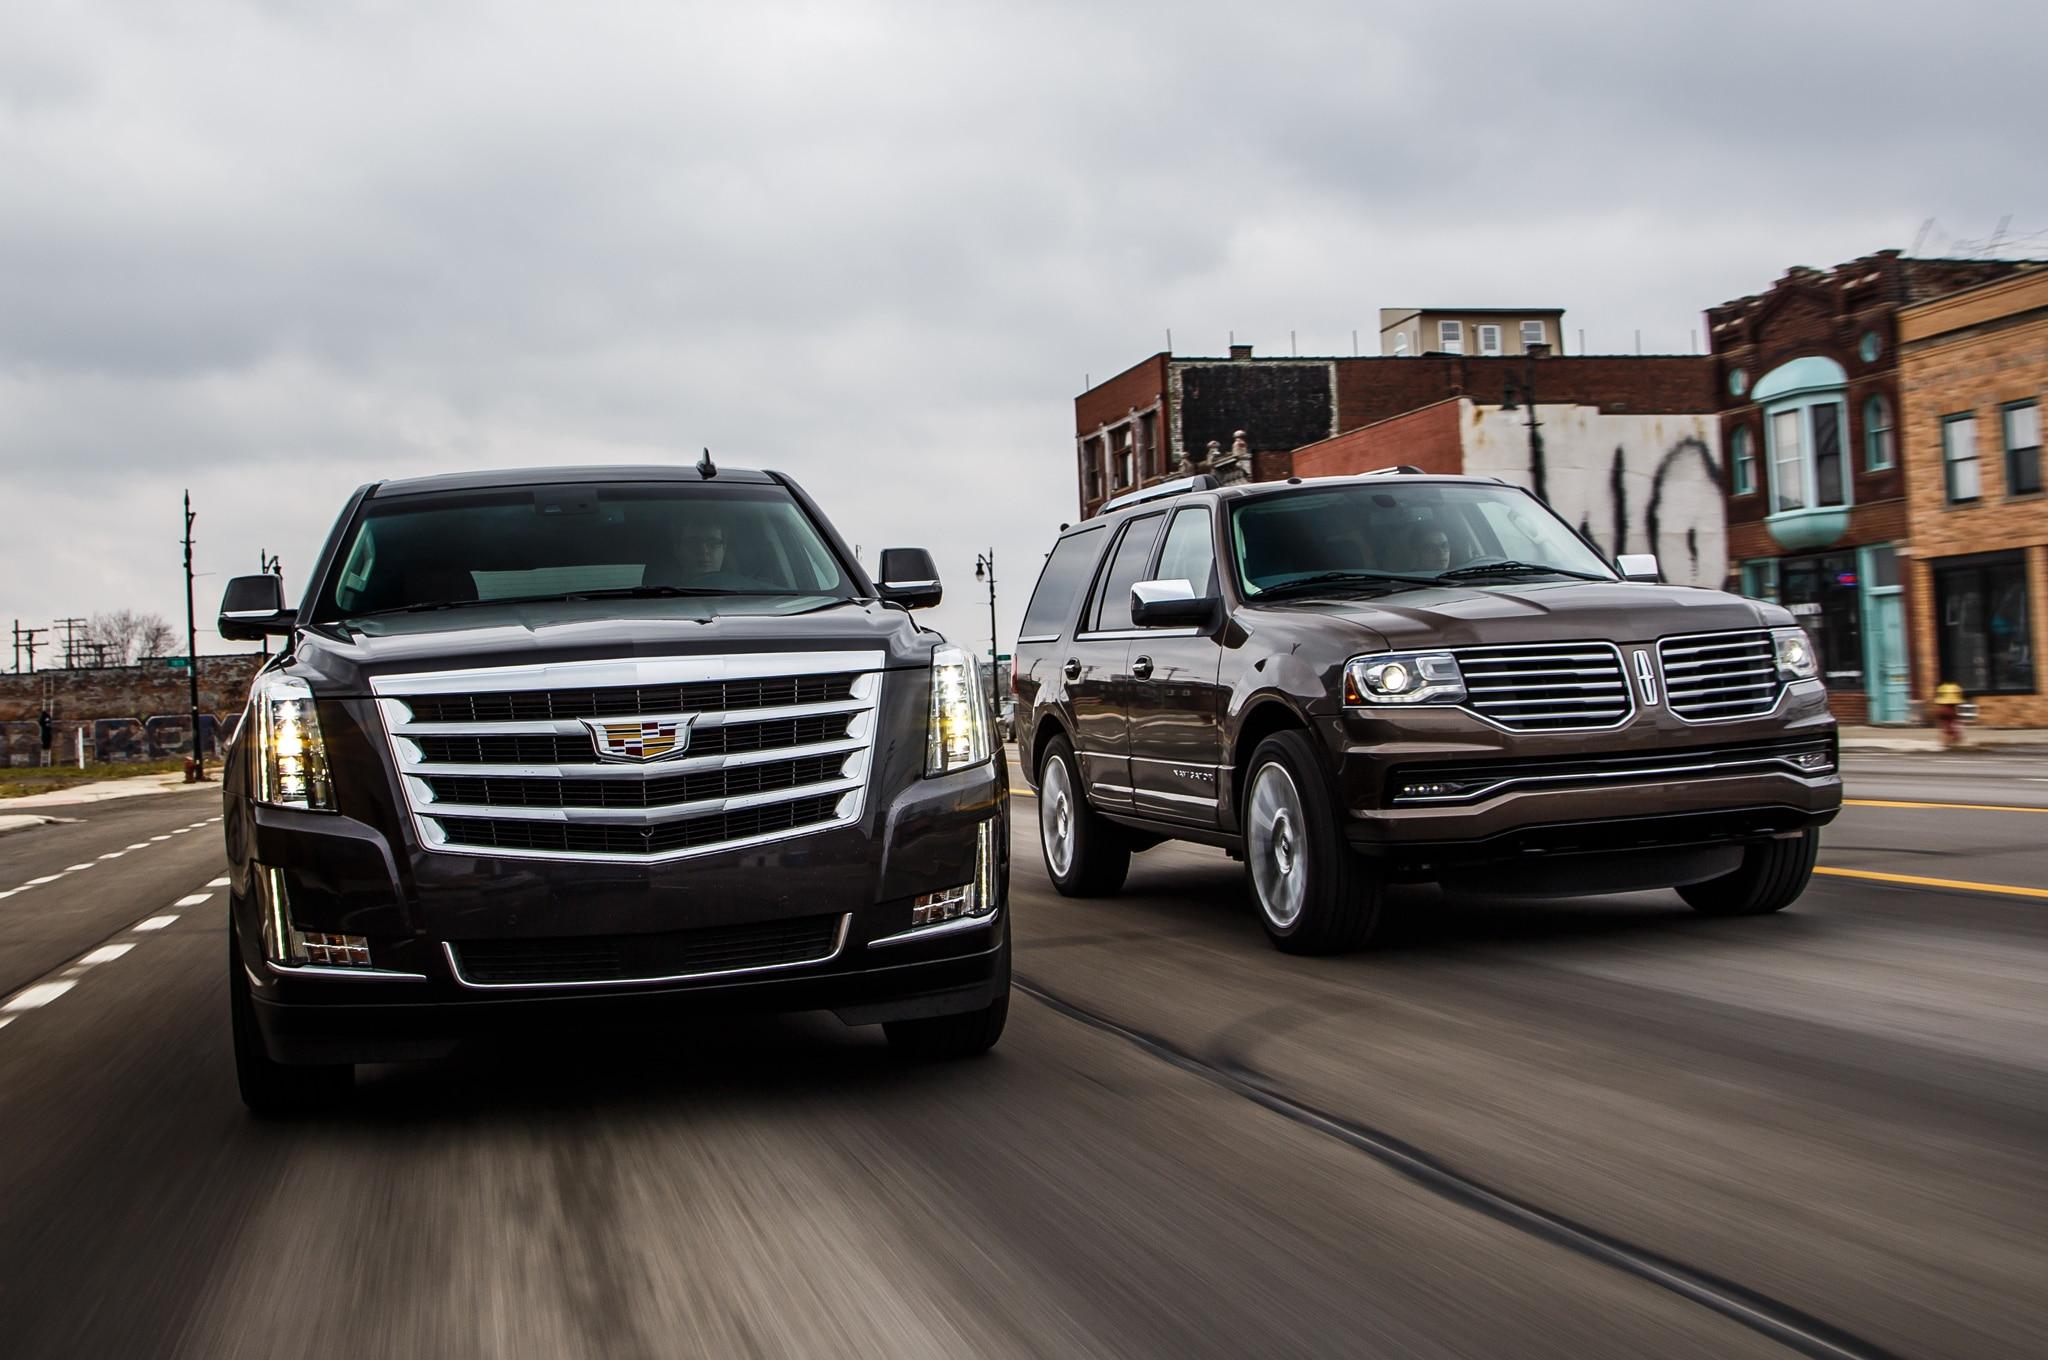 Patrick Buick Gmc >> 2015 Cadillac Escalade vs. 2015 Lincoln Navigator Comparison